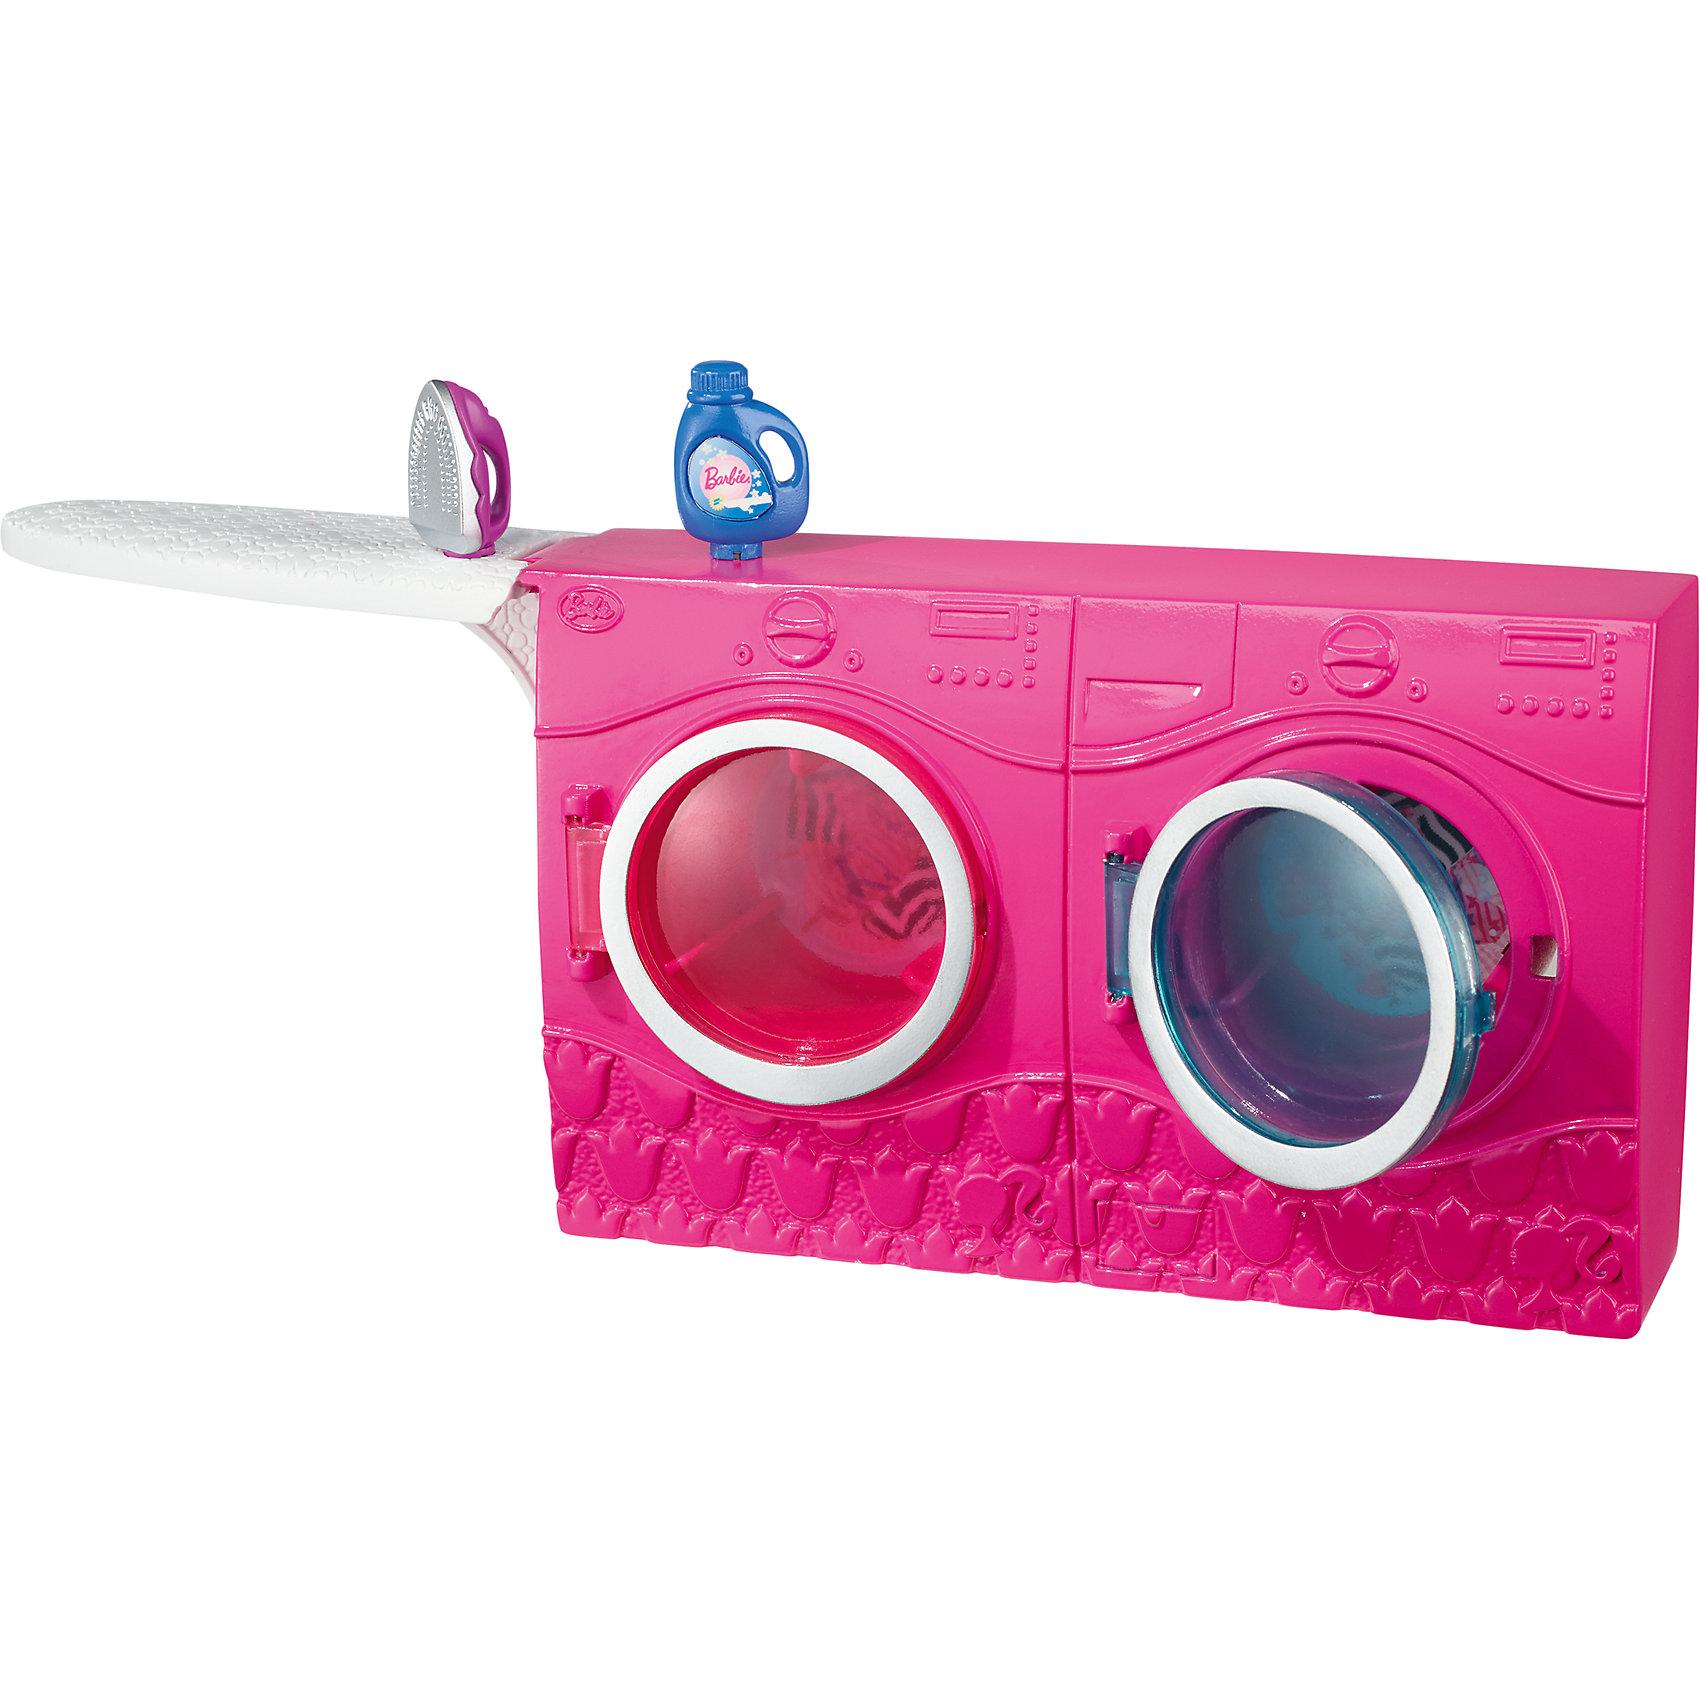 Mattel Стиральная машина, Barbie barbie набор для декора дома холодильник с продуктами cfg65 cfg70